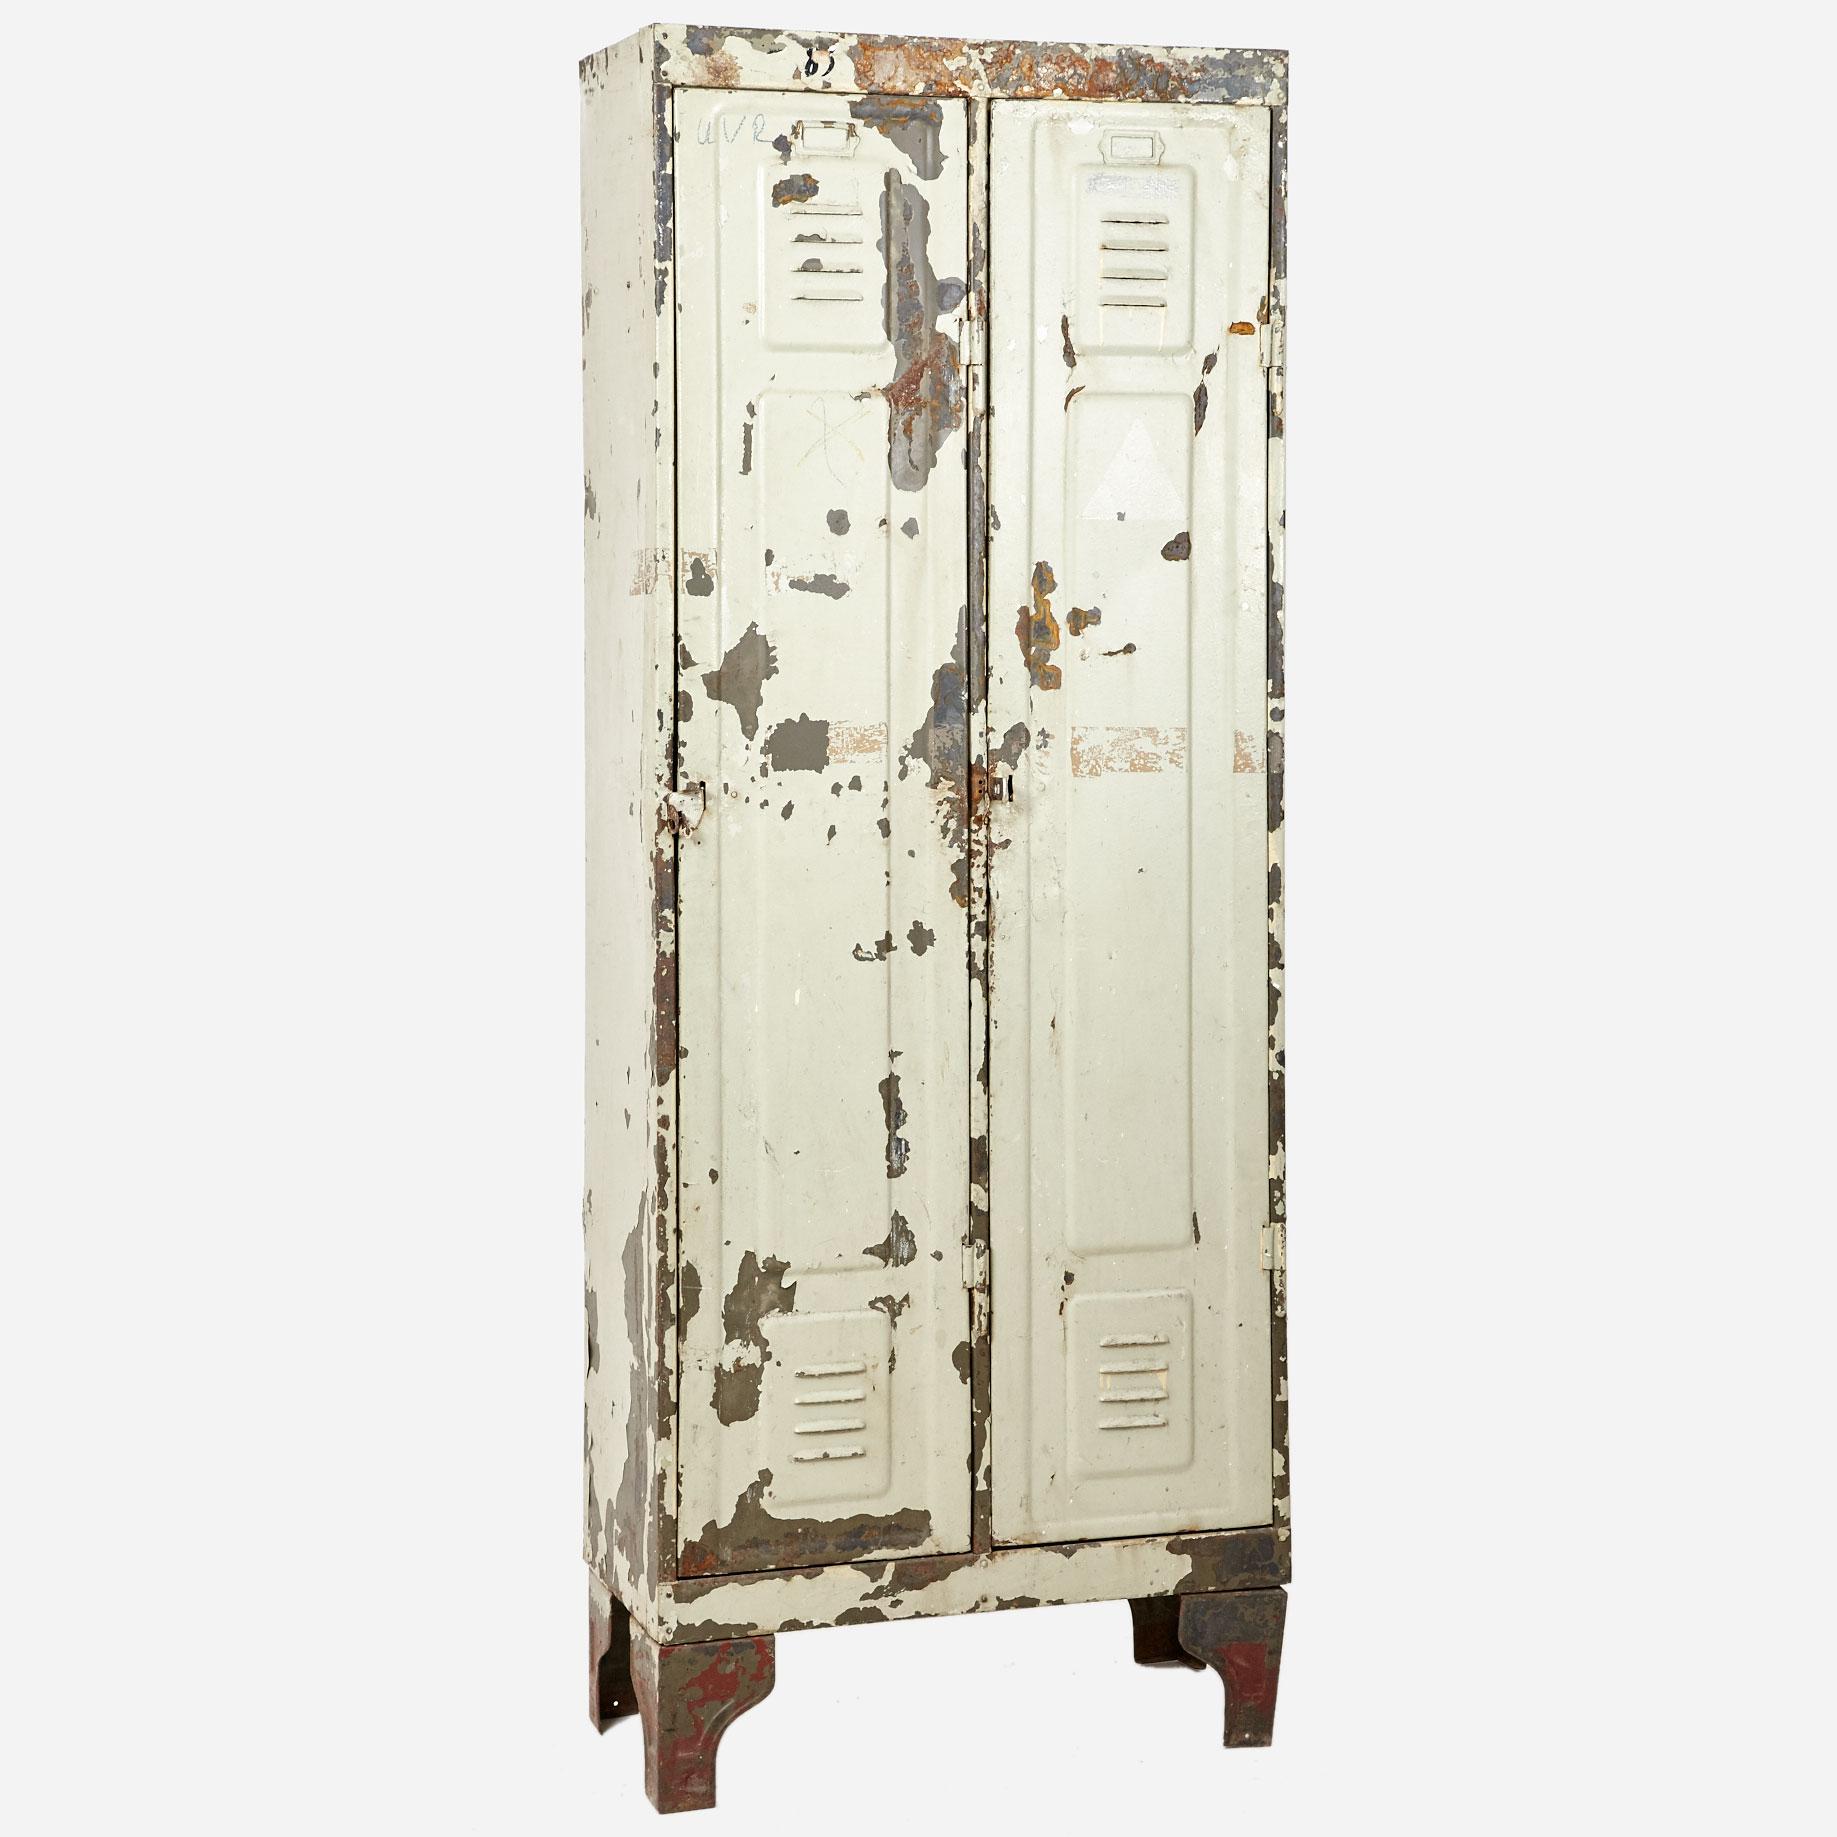 vintage metallschrank m bel z rich vintagem bel. Black Bedroom Furniture Sets. Home Design Ideas